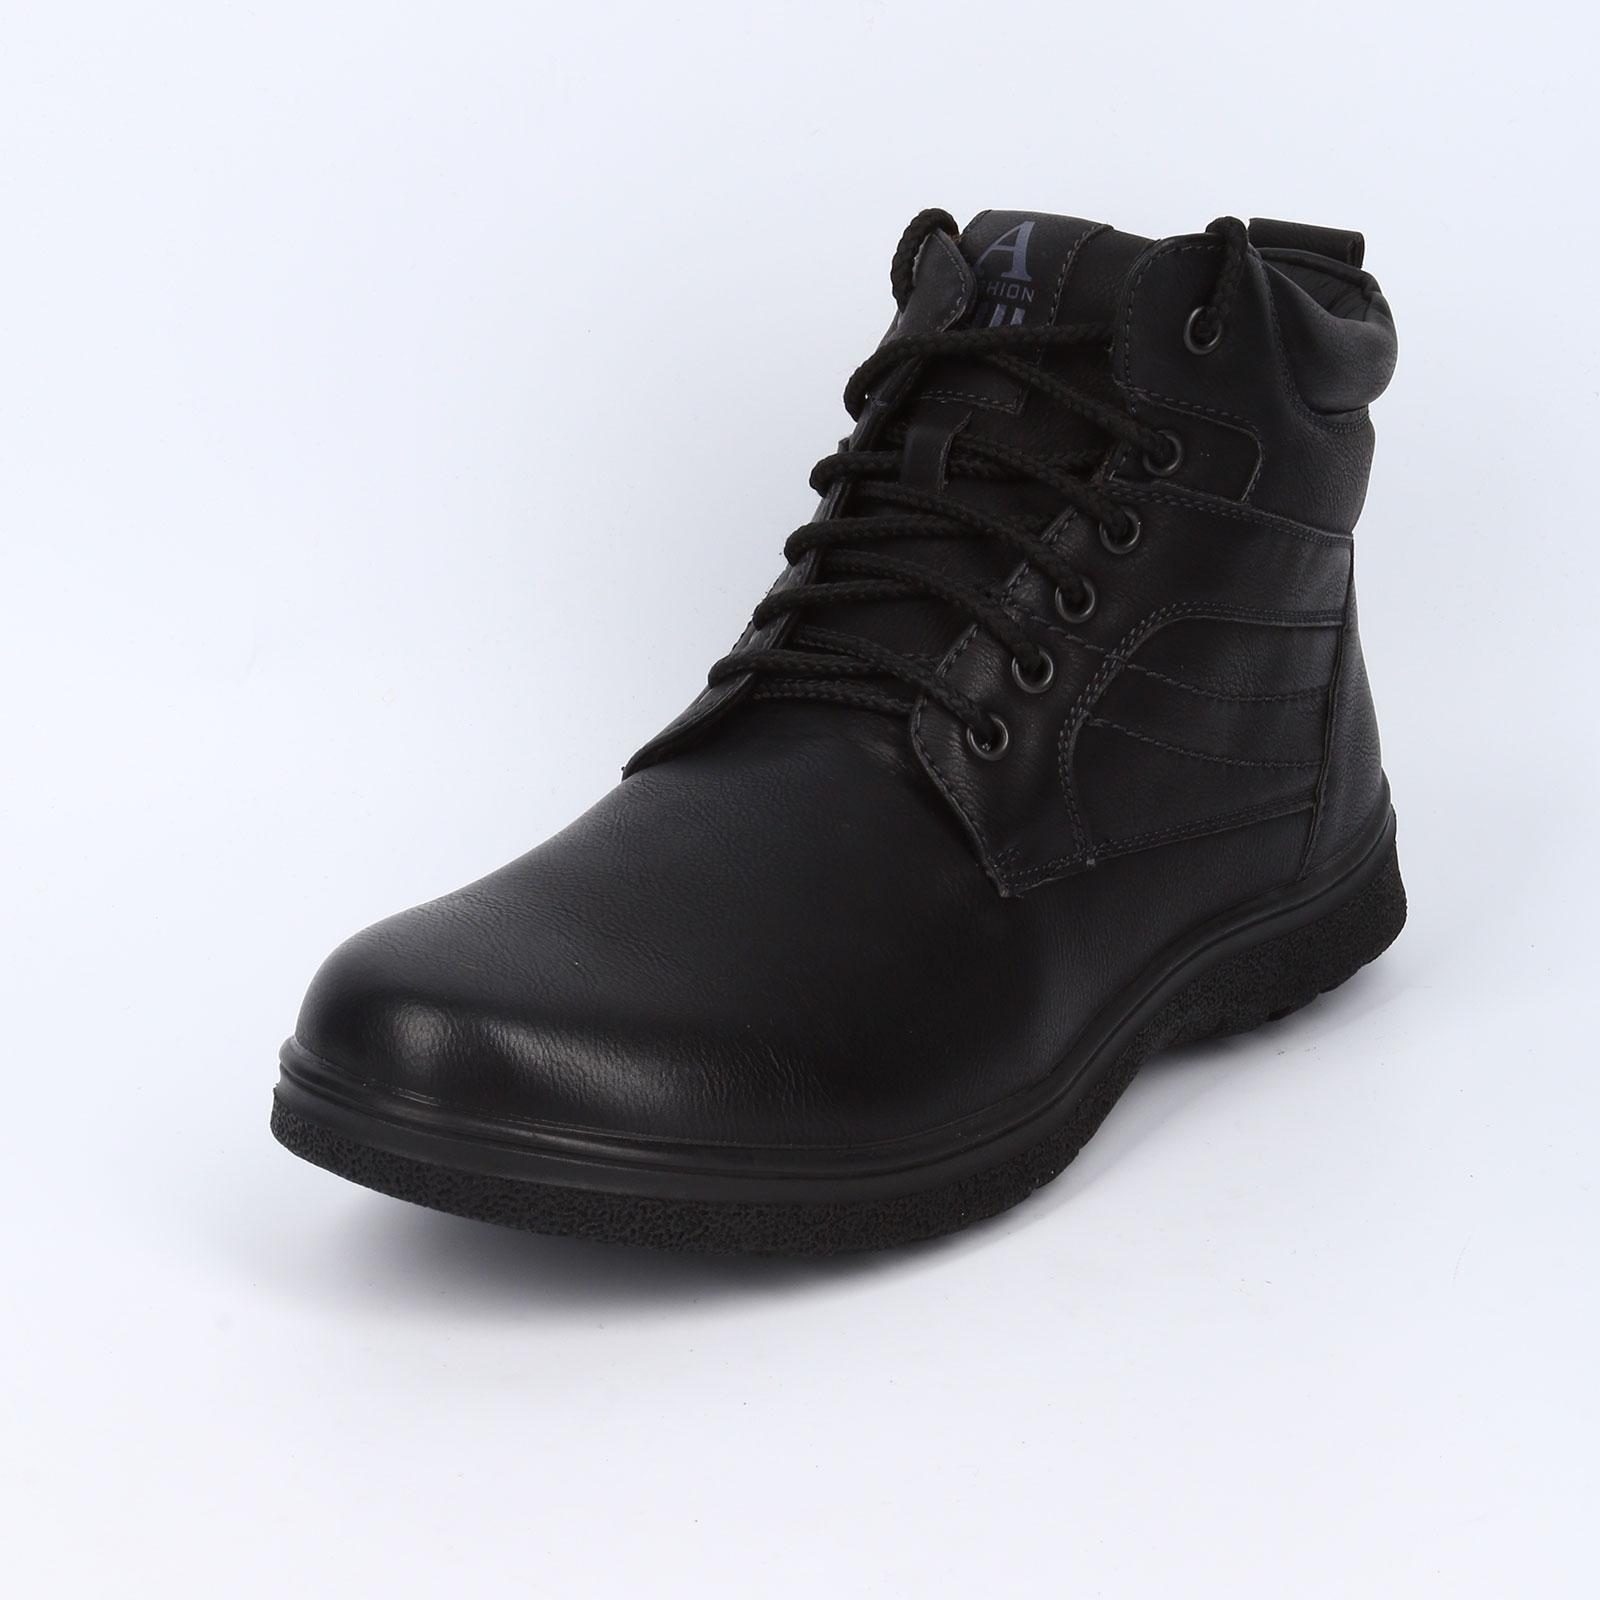 Ботинки мужские на шнурках и с прострочкой